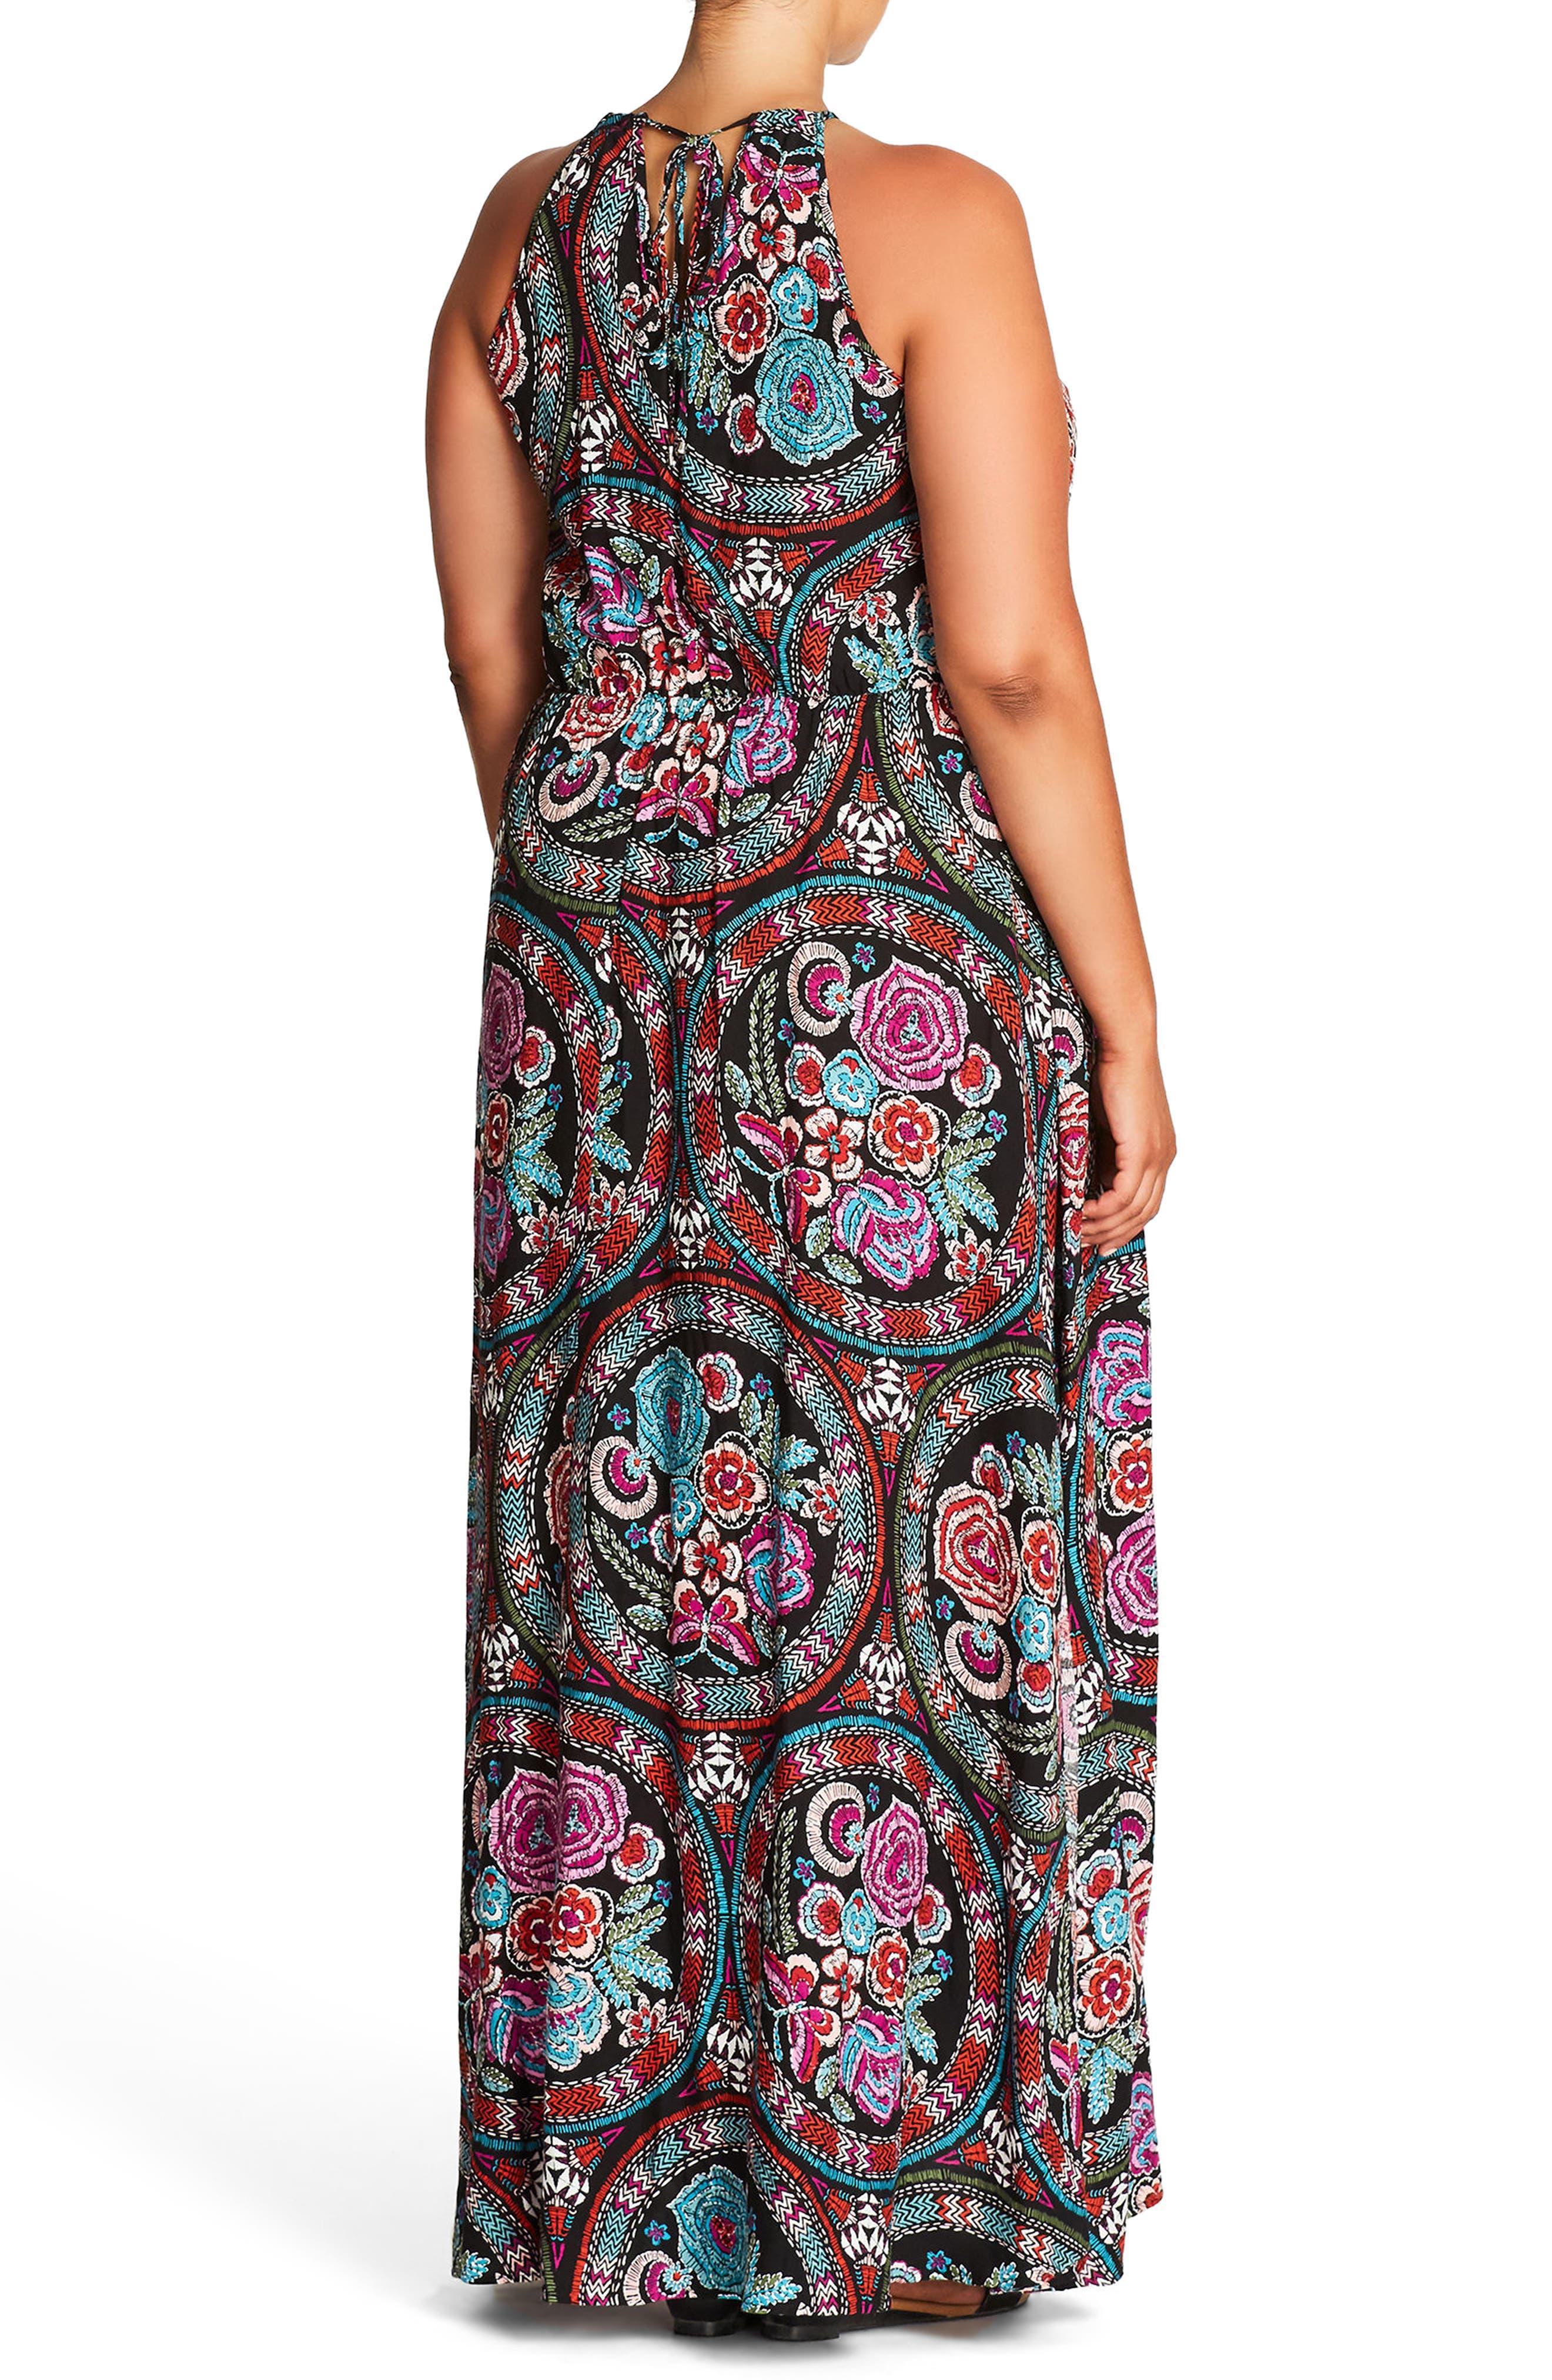 Folklore Maxi Dress,                             Alternate thumbnail 2, color,                             FOLKLORE